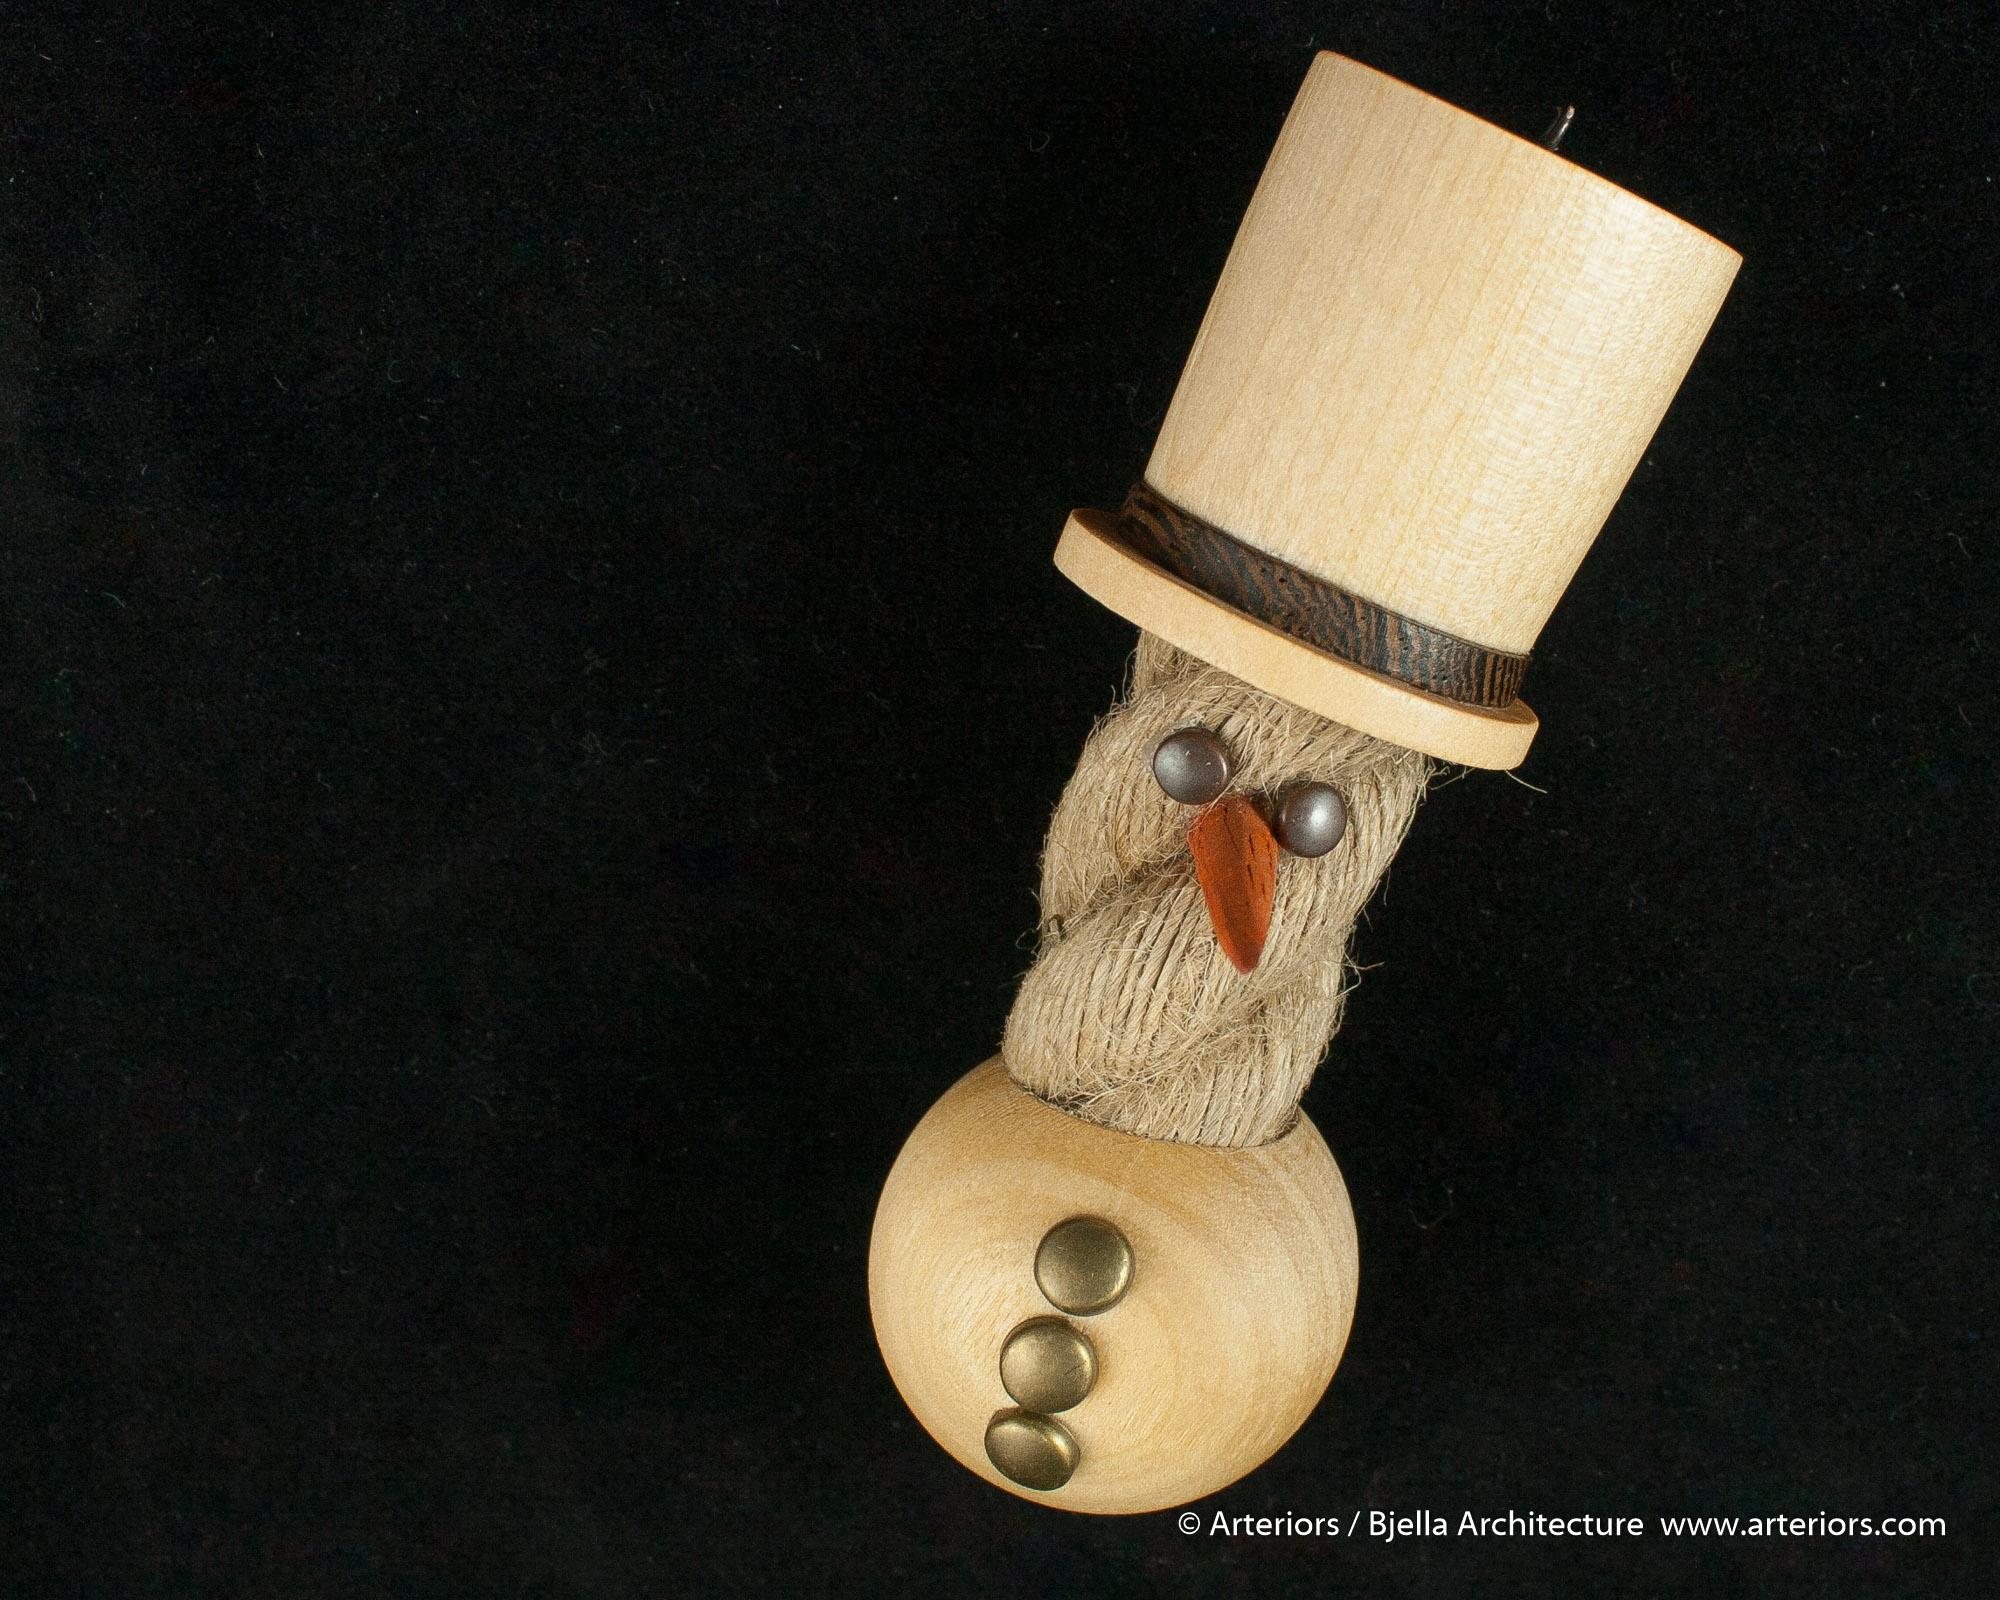 Bjella Snowman Ornament - Day 11 - Rope-21